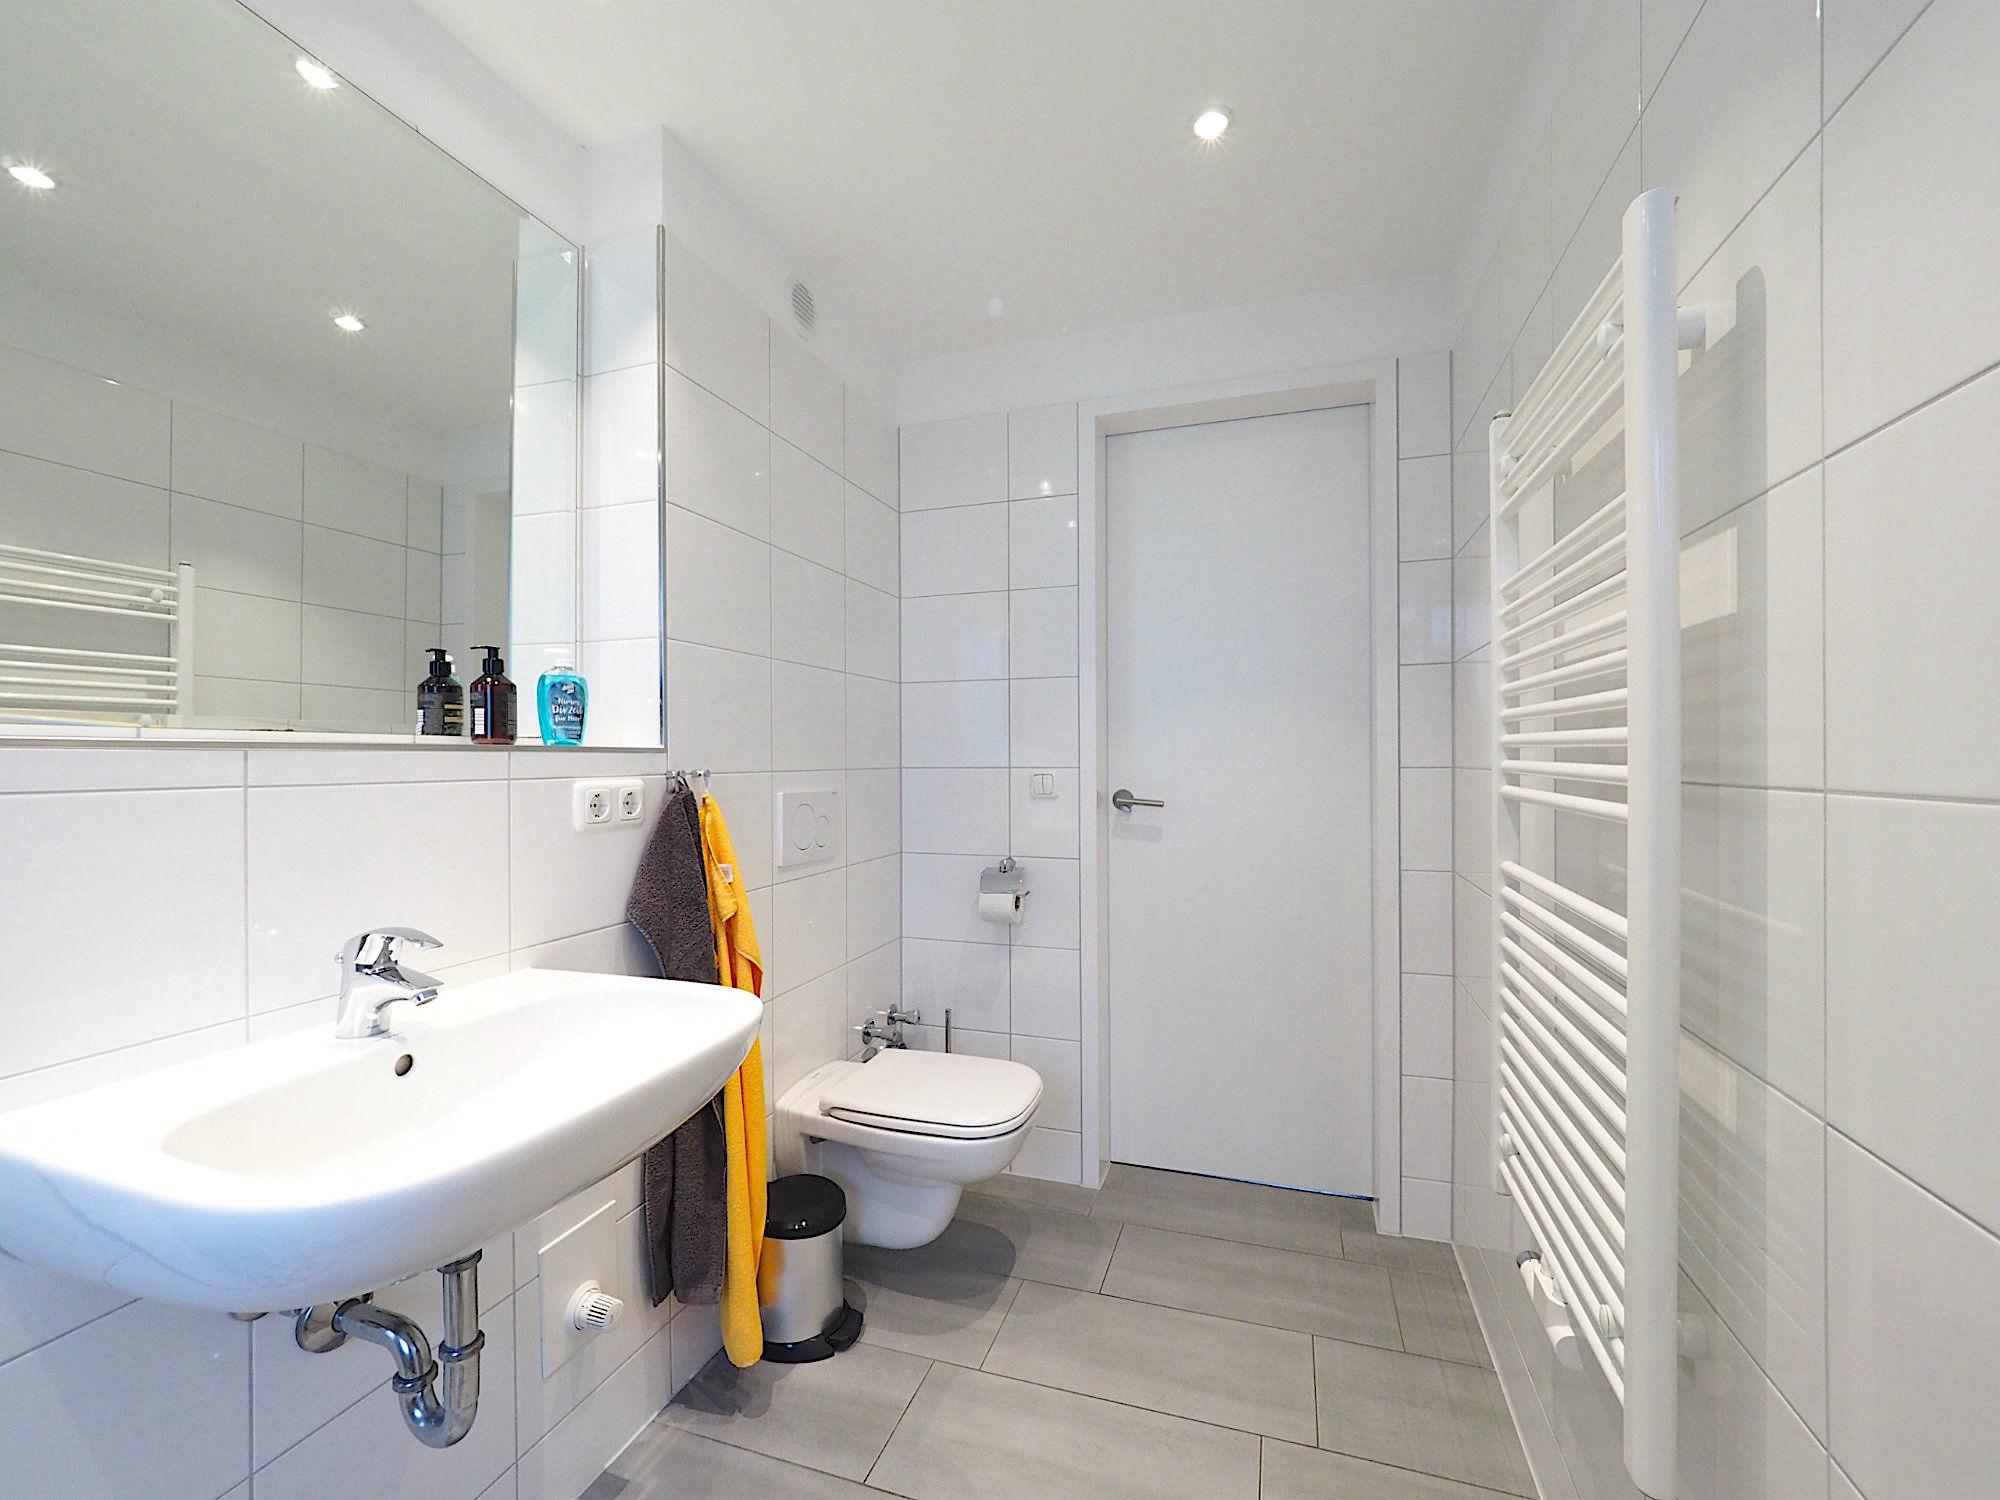 Duschbad von der Dusche aus gesehen, links ist ein Waschbecken mit Spiegel, rechts die Handtuchheizung